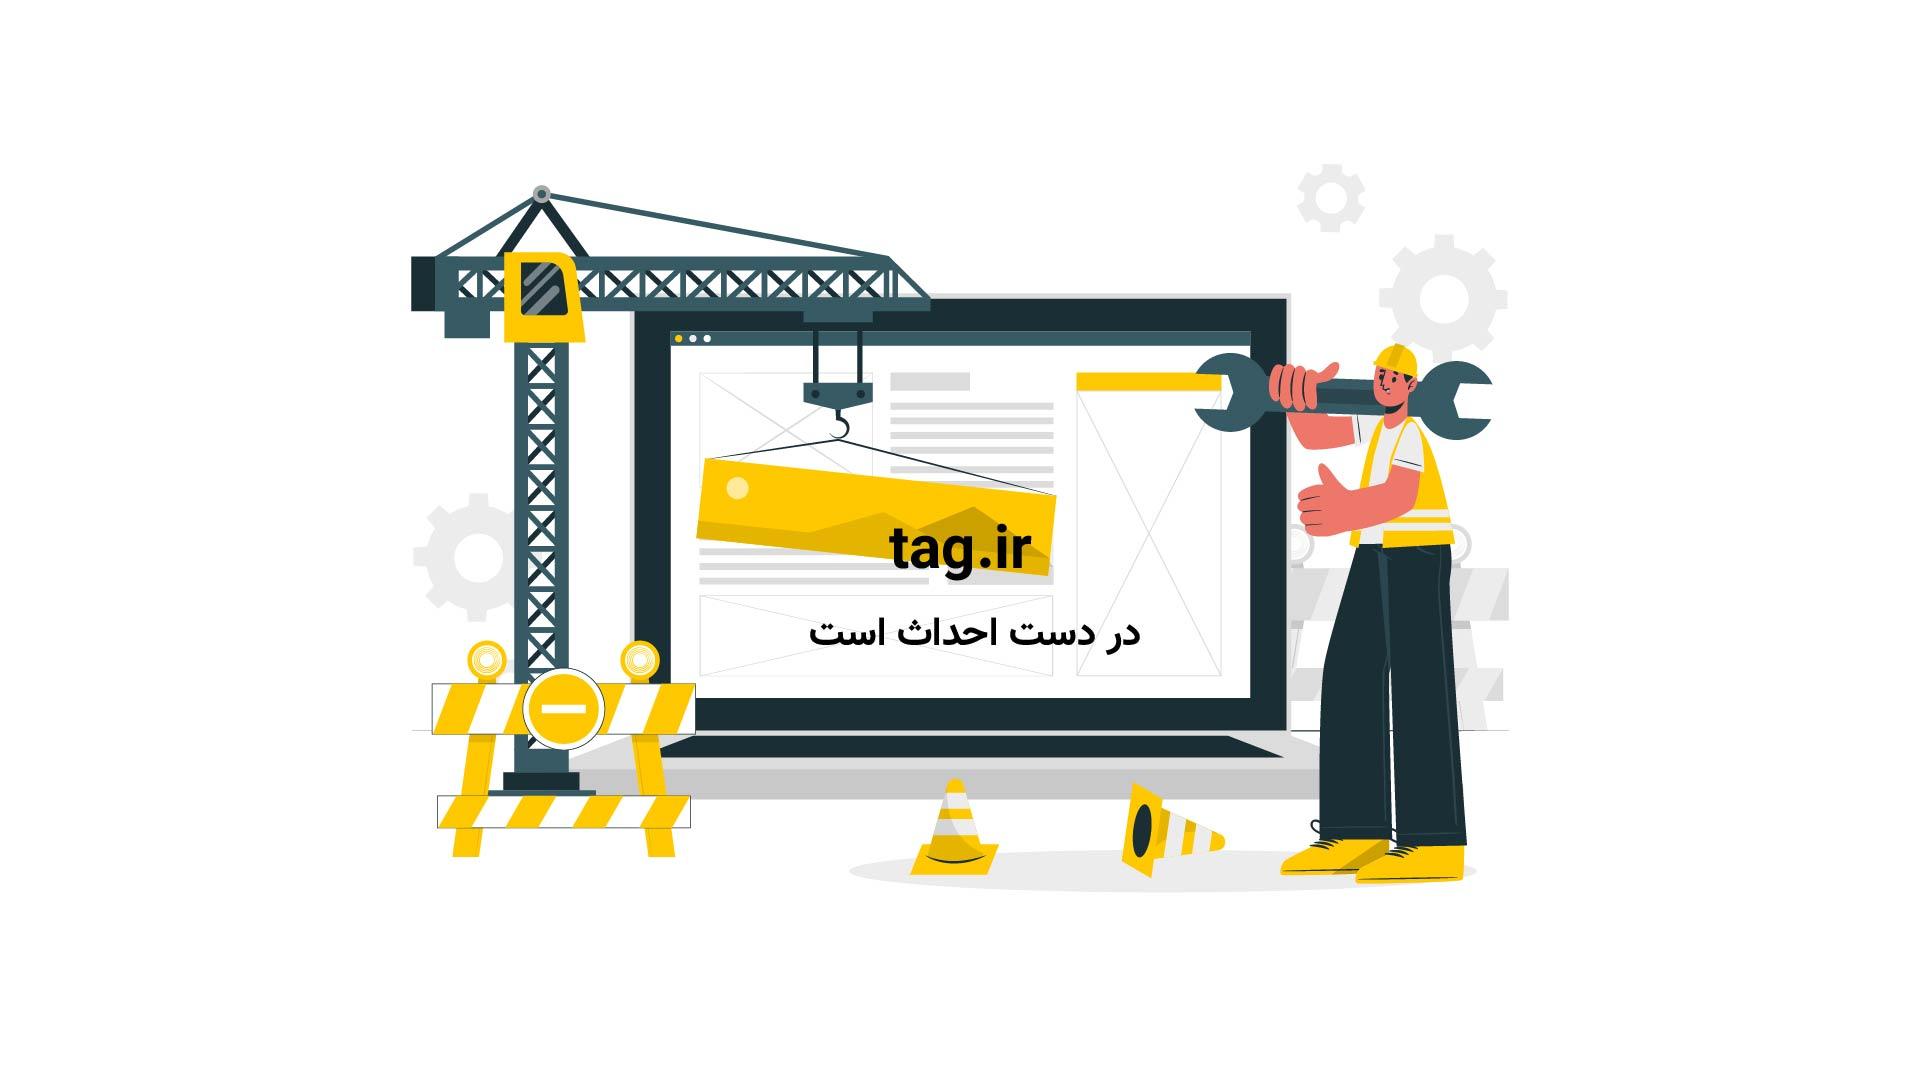 غار جیتا از جاذبه های گردشگری در لبنان | فیلم